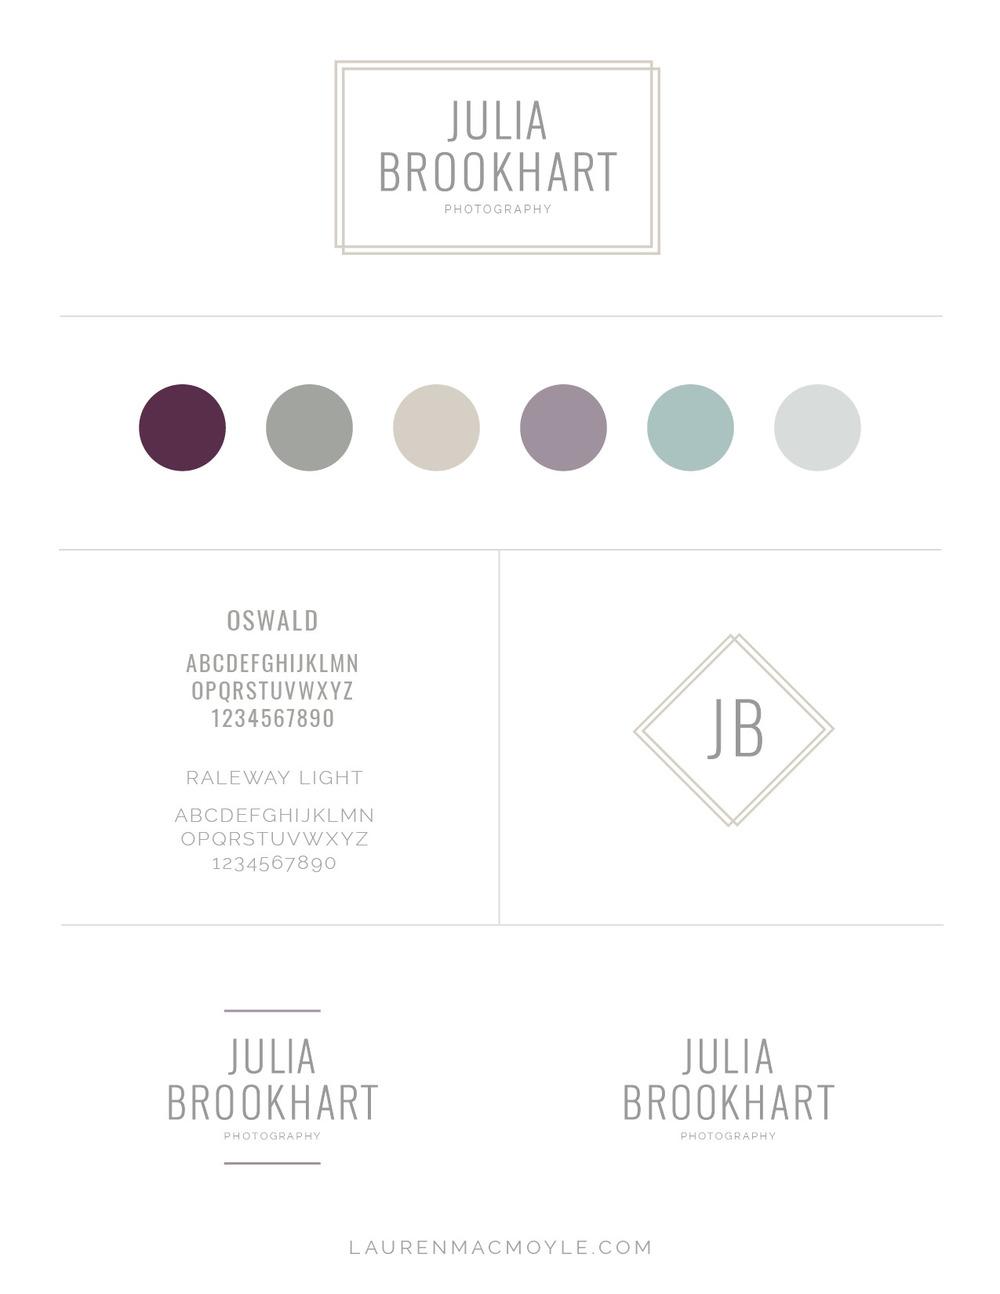 Studio Photography Branding Design   Lauren MacMoyle   Graphic Design